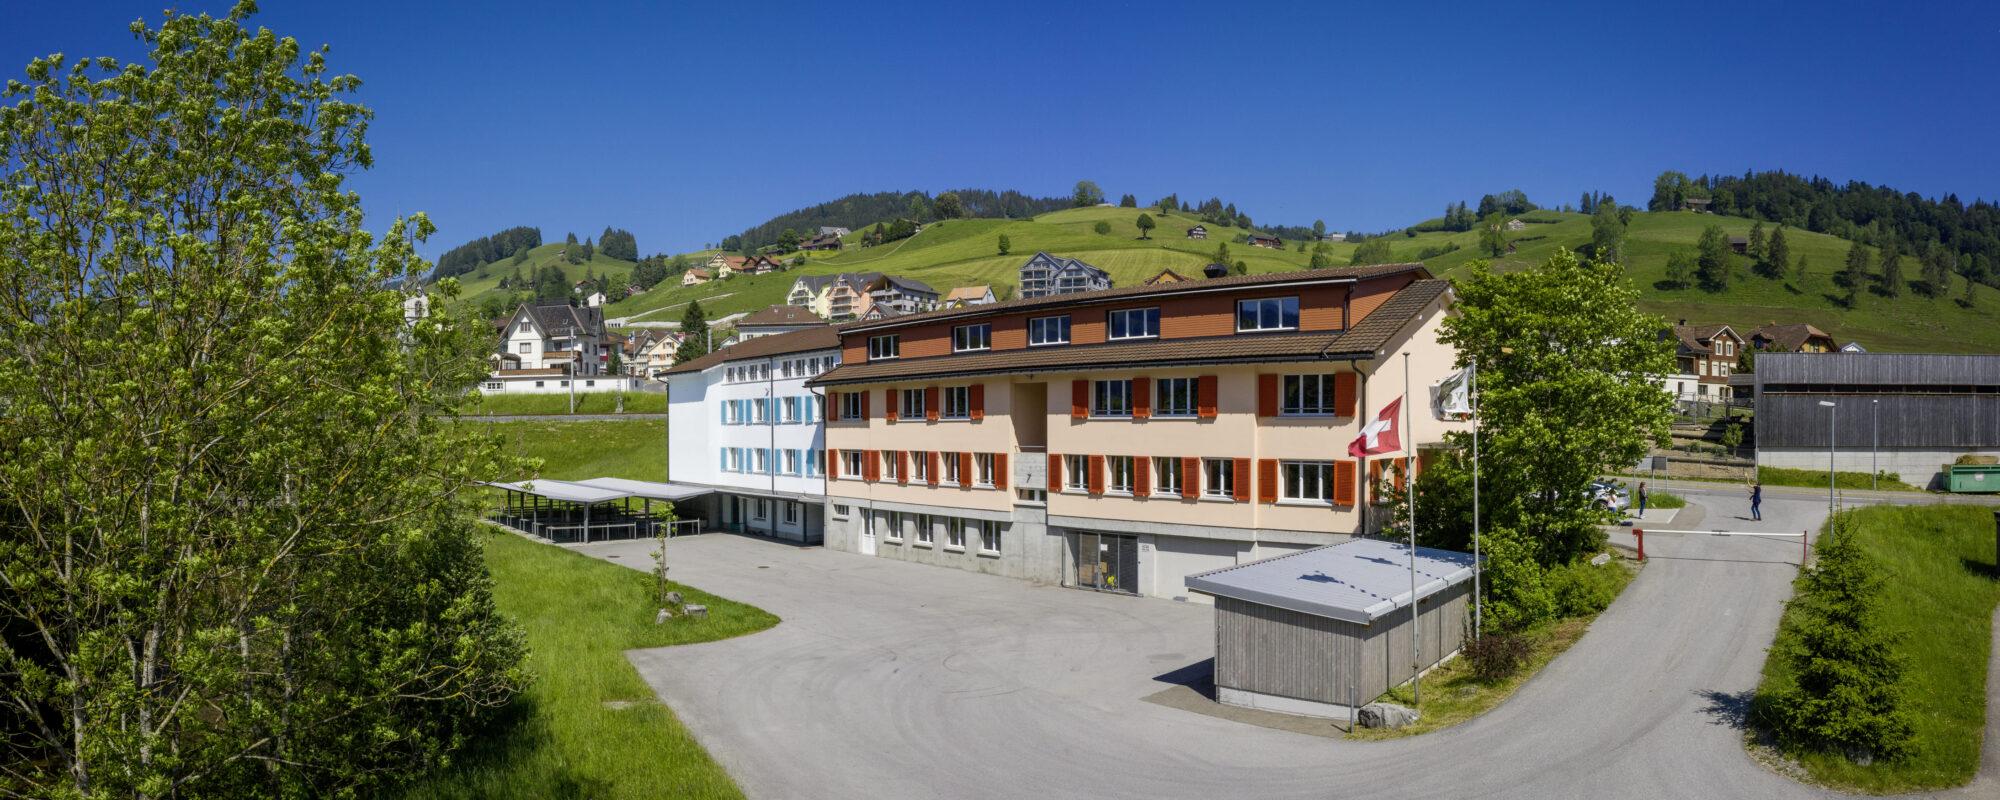 Ferienhaus_Unterkunft_Mitel_Saentis_1